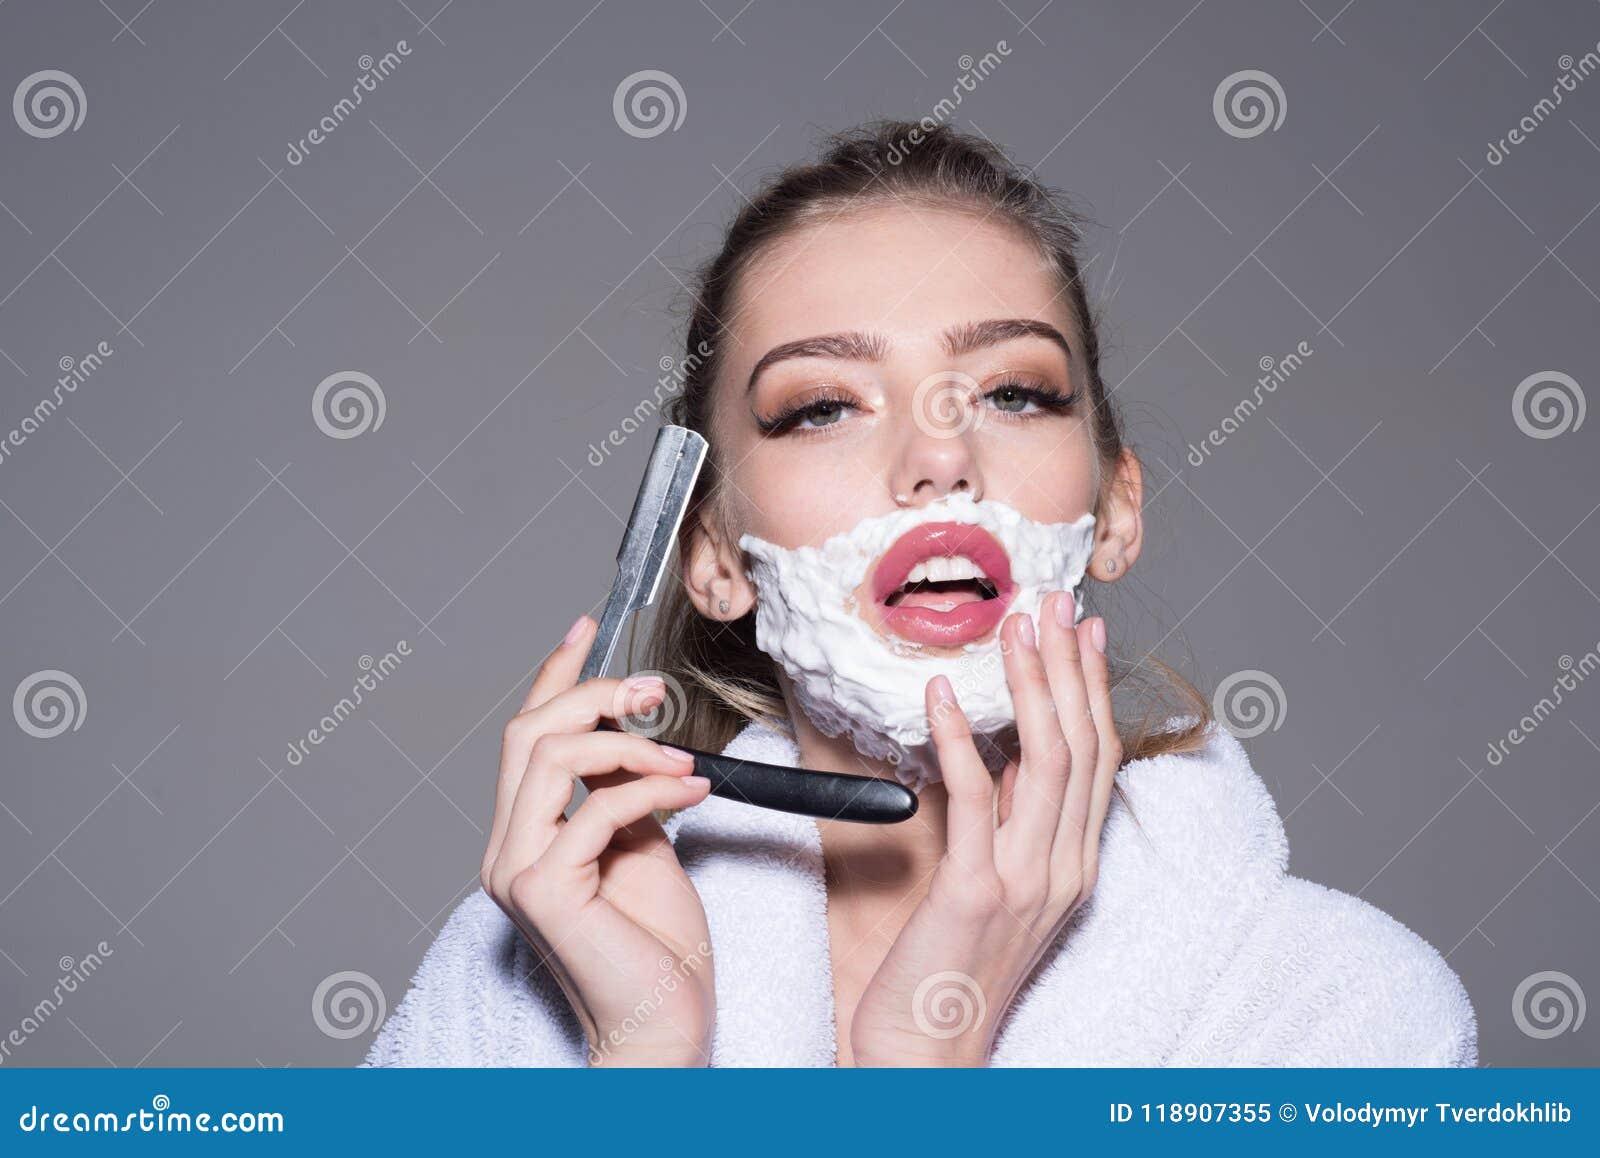 8201d55d09752f Sinnliches blondes Mädchen im weißen Bademantel, der  Schnittkehlrasiermesser in ihren Händen lokalisiert auf grauem Hintergrund